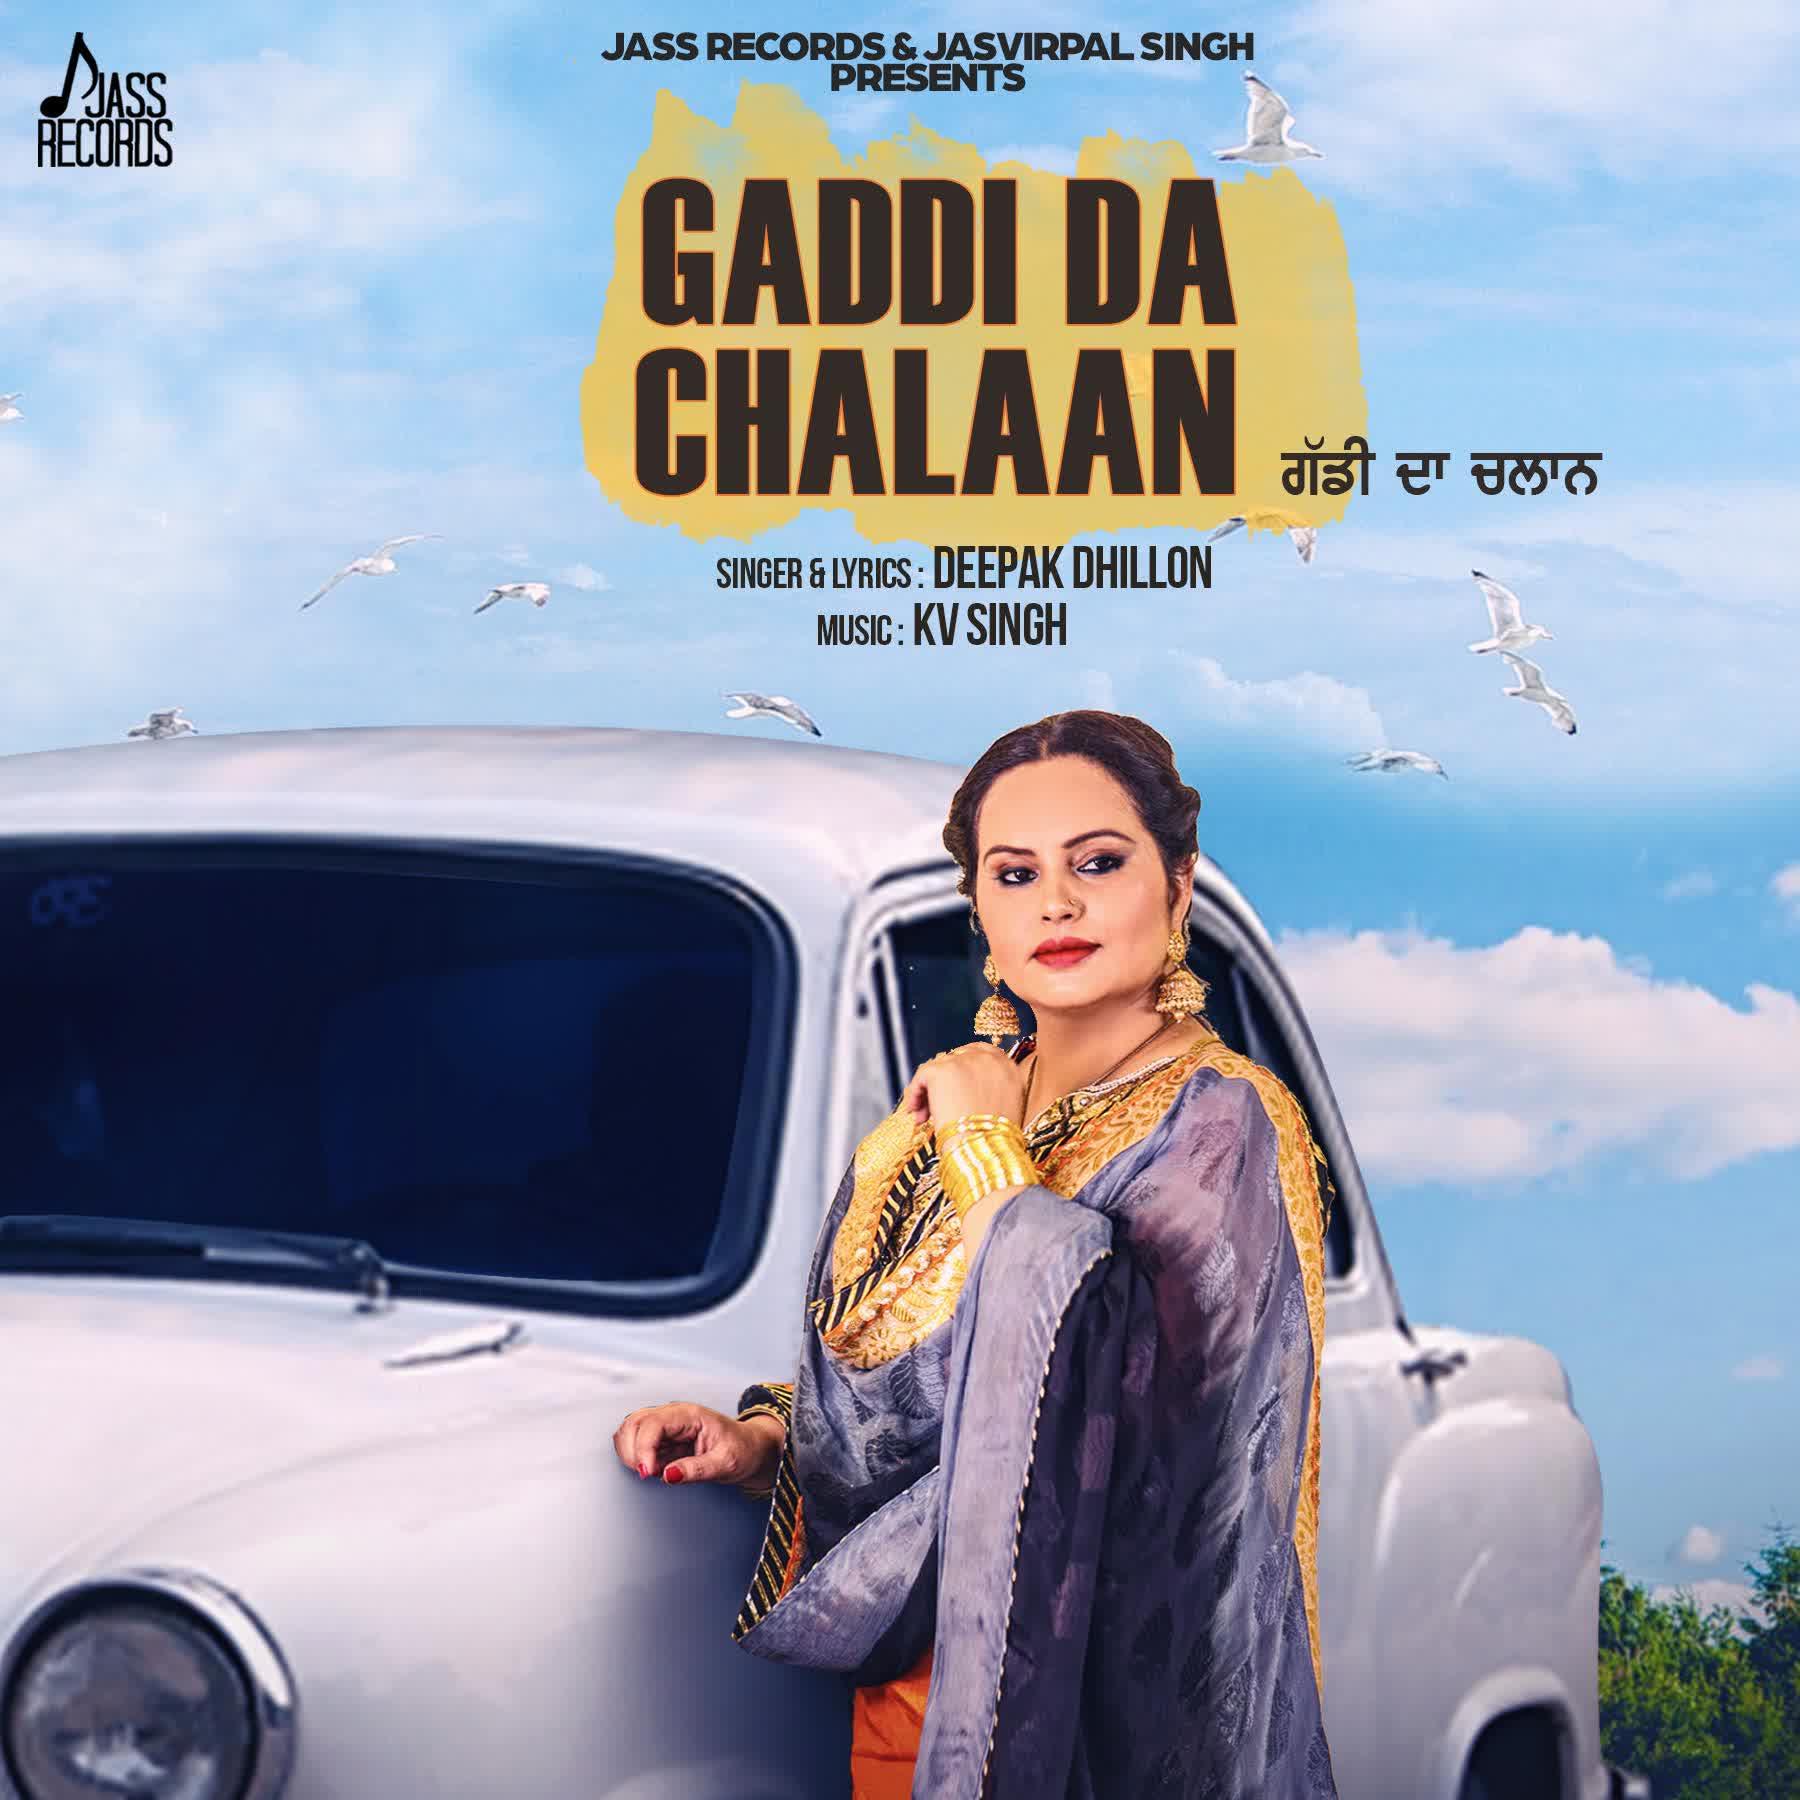 Gaddi Da Chalaan Deepak Dhillon